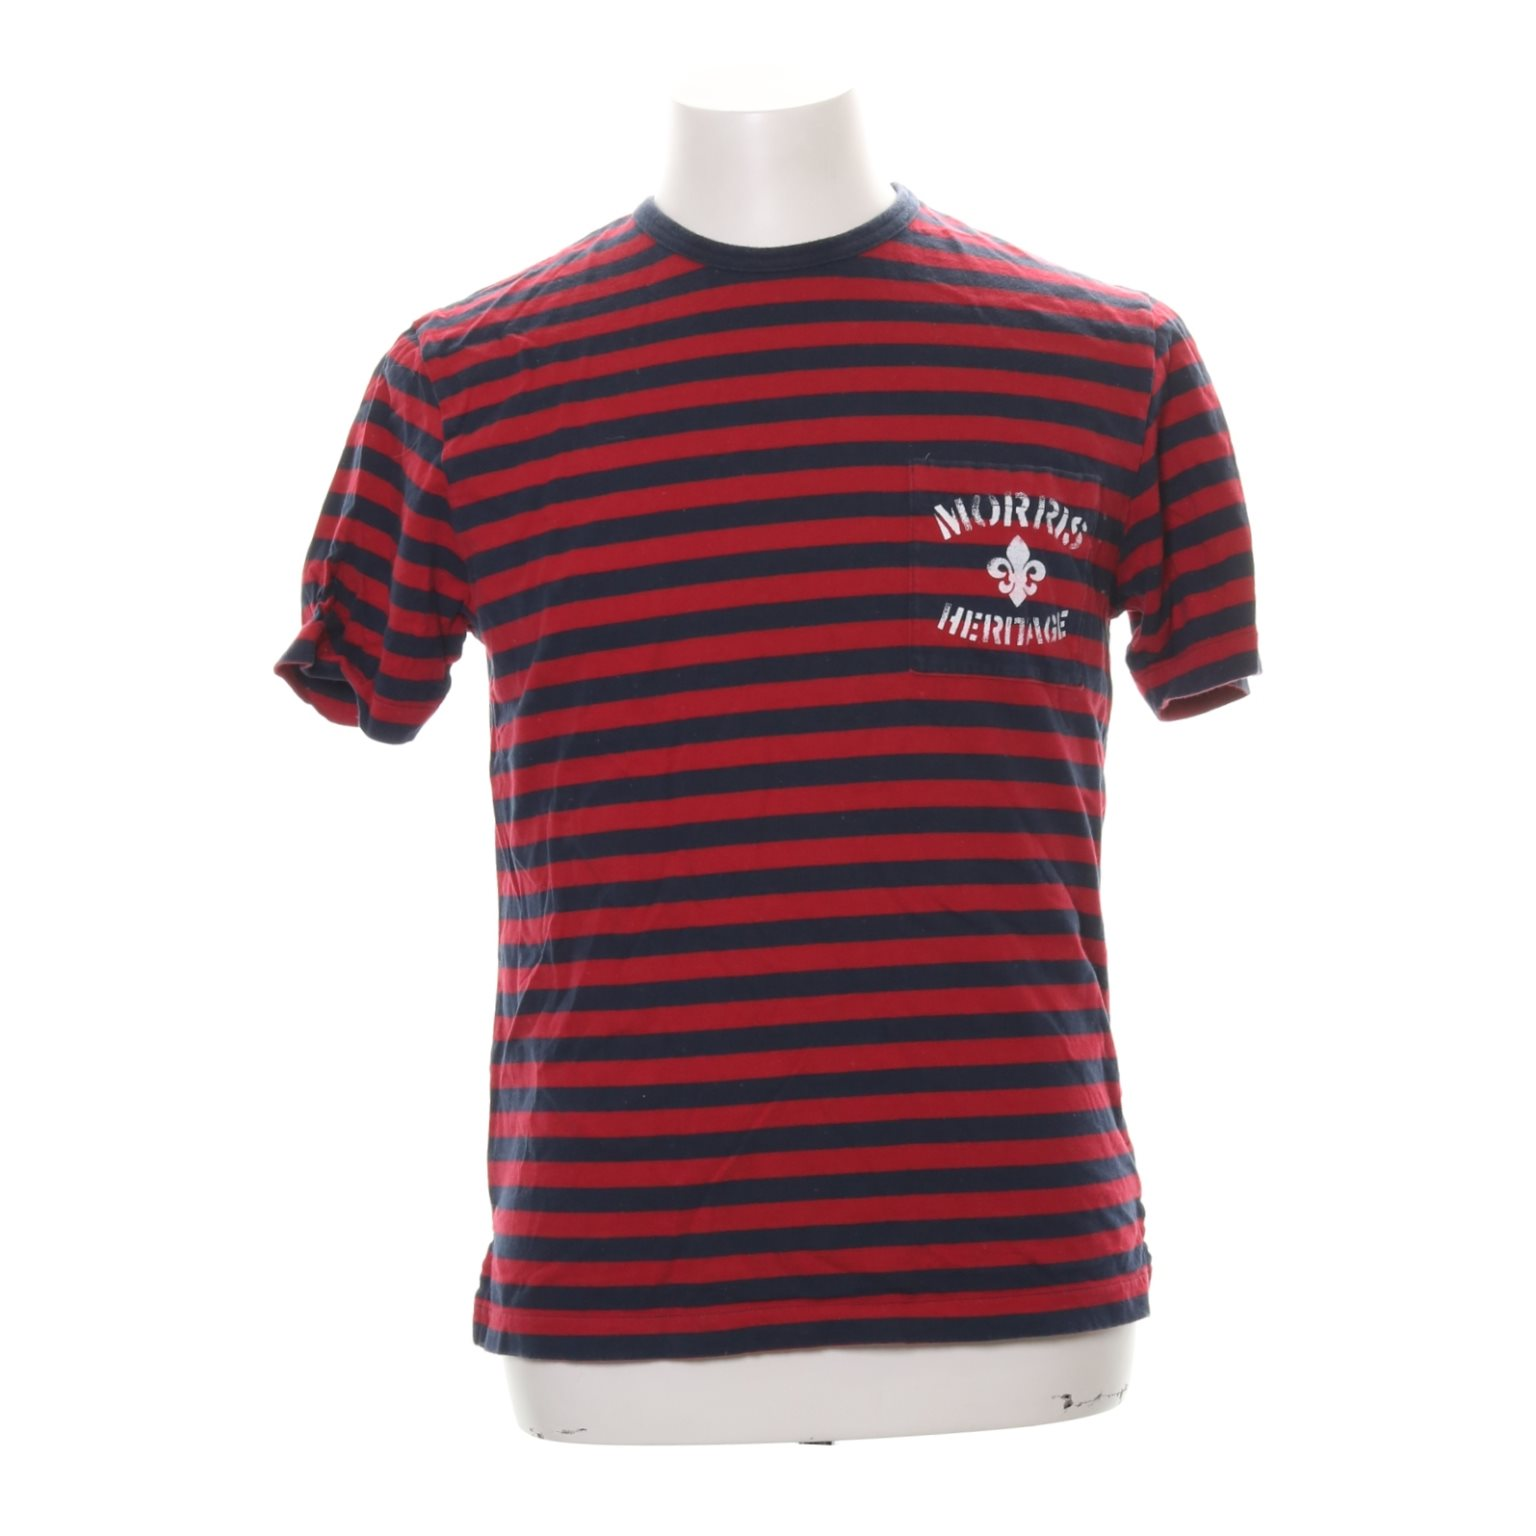 Morris, Morris, Morris, T-shirt, Strl: M, Röd/Marinblå, Bomull ded777